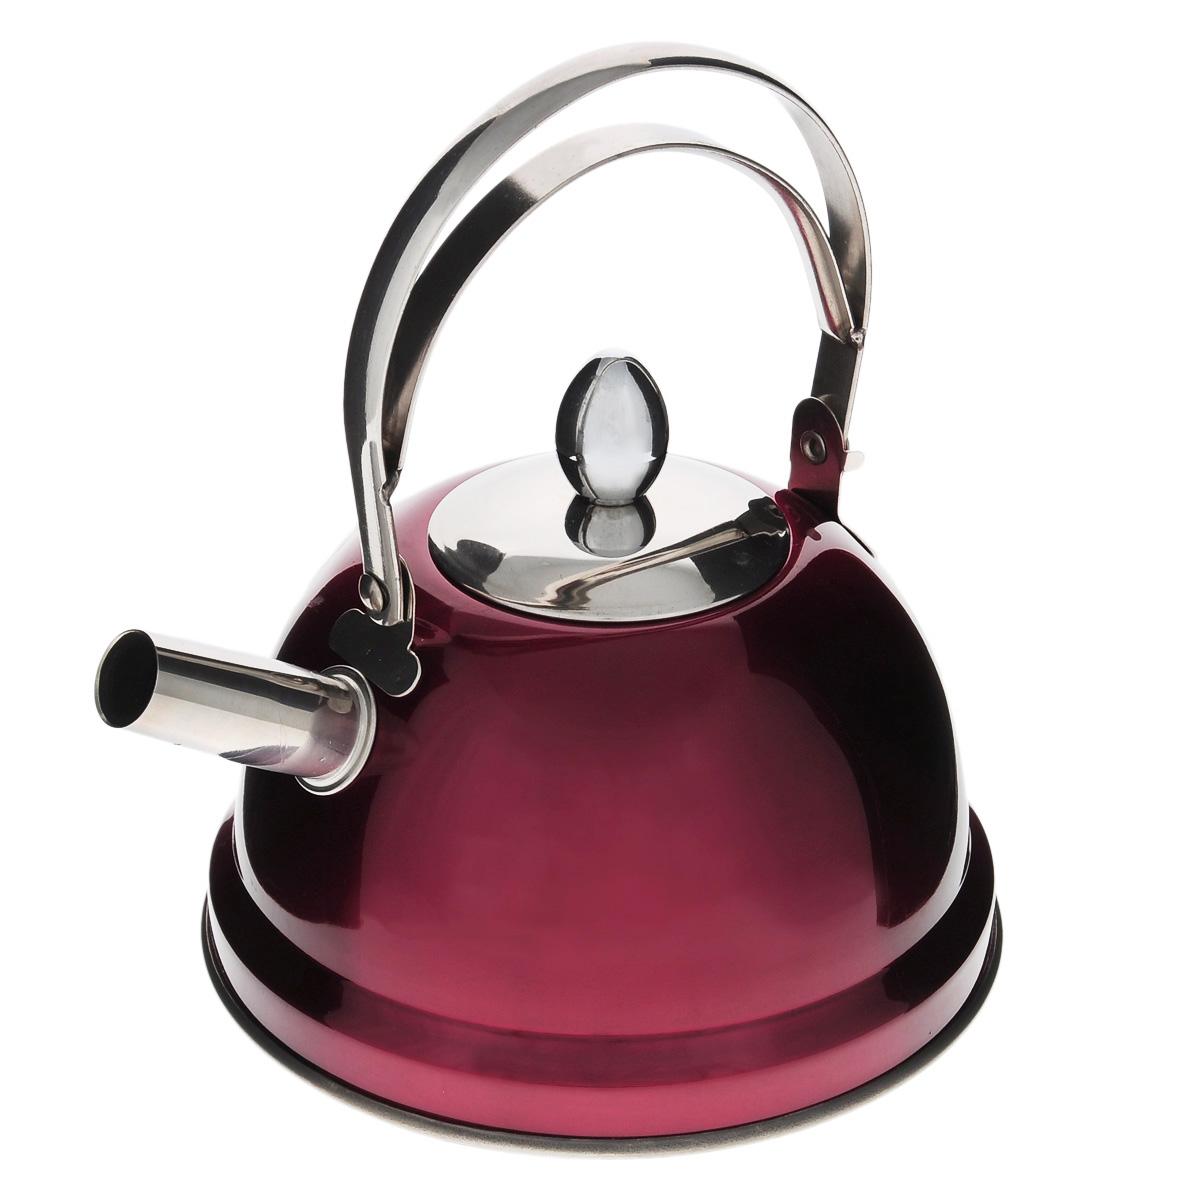 Чайник Bekker De Luxe, с ситечком, цвет: красный, 0,8 л. BK-S430BK-S430Чайник Bekker De Luxe выполнен из высококачественной нержавеющей стали, что обеспечивает долговечность использования. Внешнее цветное зеркальное покрытие придает приятный внешний вид. Капсулированное дно распределяет тепло по всей поверхности, что позволяет чайнику быстро закипать. Эргономичная подвижная ручка выполнена из нержавеющей стали. Чайник снабжен ситечком для заваривания. Можно мыть в посудомоечной машине. Пригоден для всех видов плит, включая индукционные. Диаметр (по верхнему краю): 5 см.Высота чайника (без учета крышки и ручки): 8 см.Высота чайника (с учетом ручки): 17,5 см.Диаметр основания: 14 см. Толщина стенки: 0,5 мм.Высота ситечка: 5,5 см.